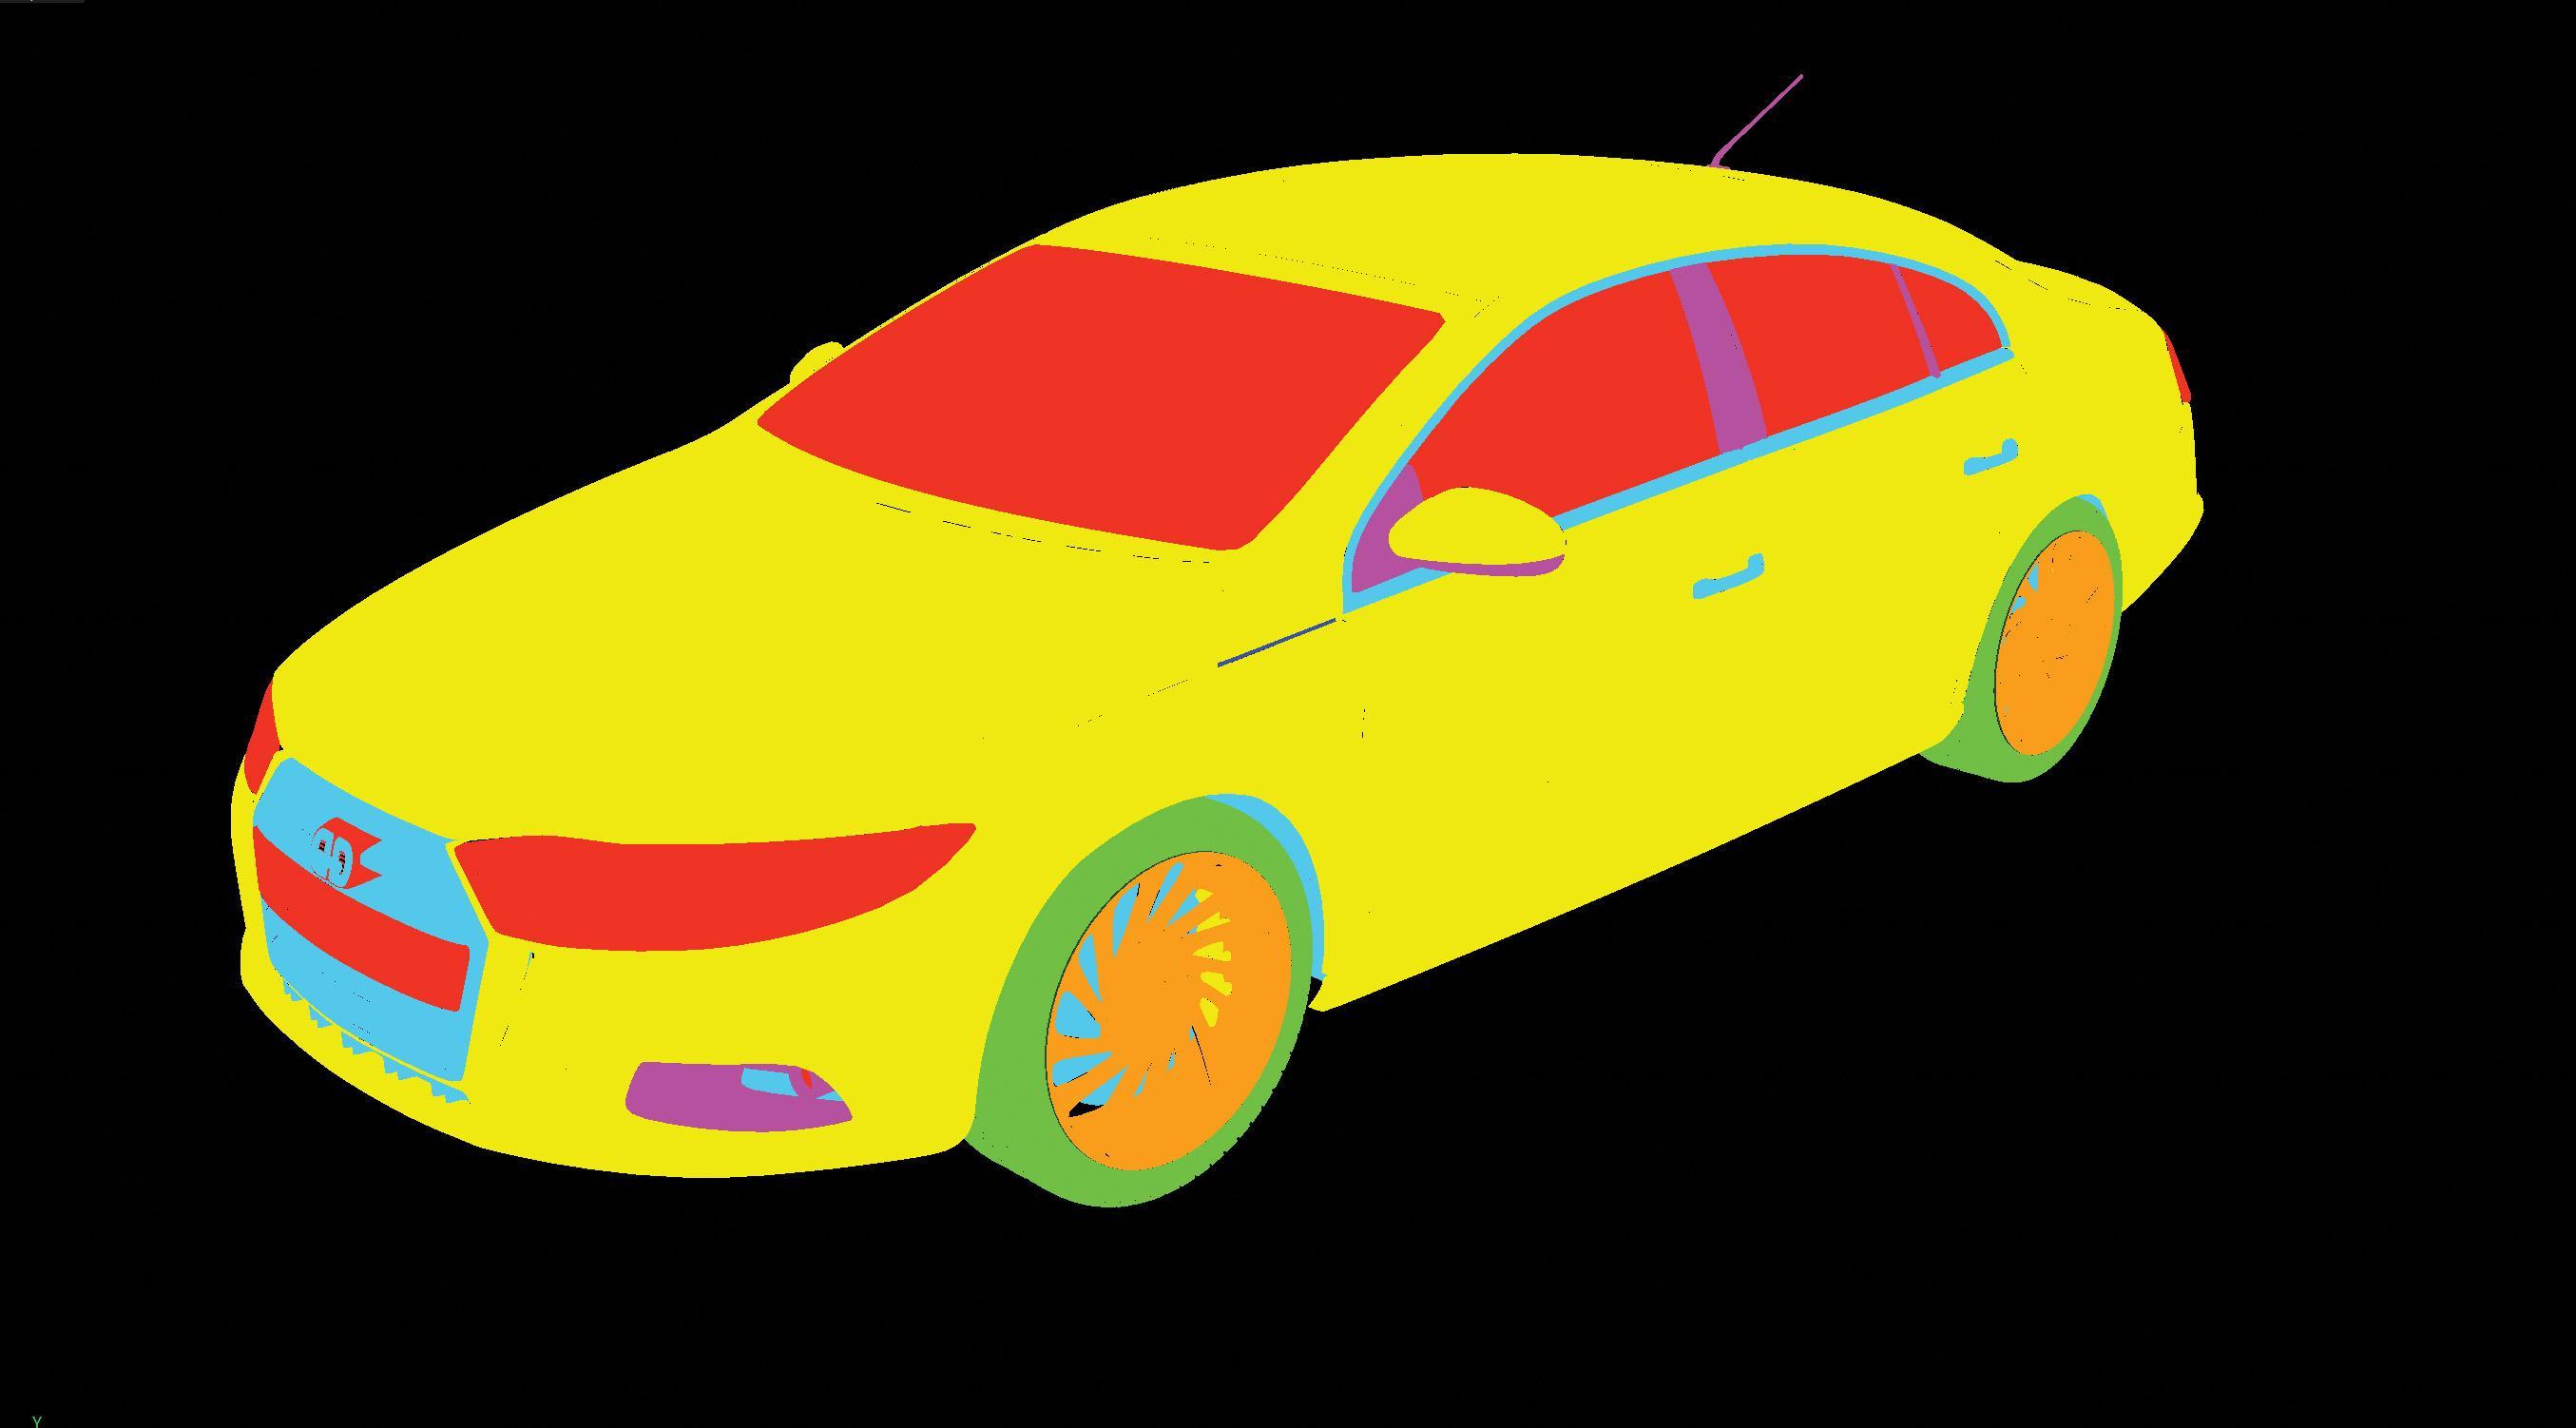 A 3D model of a car